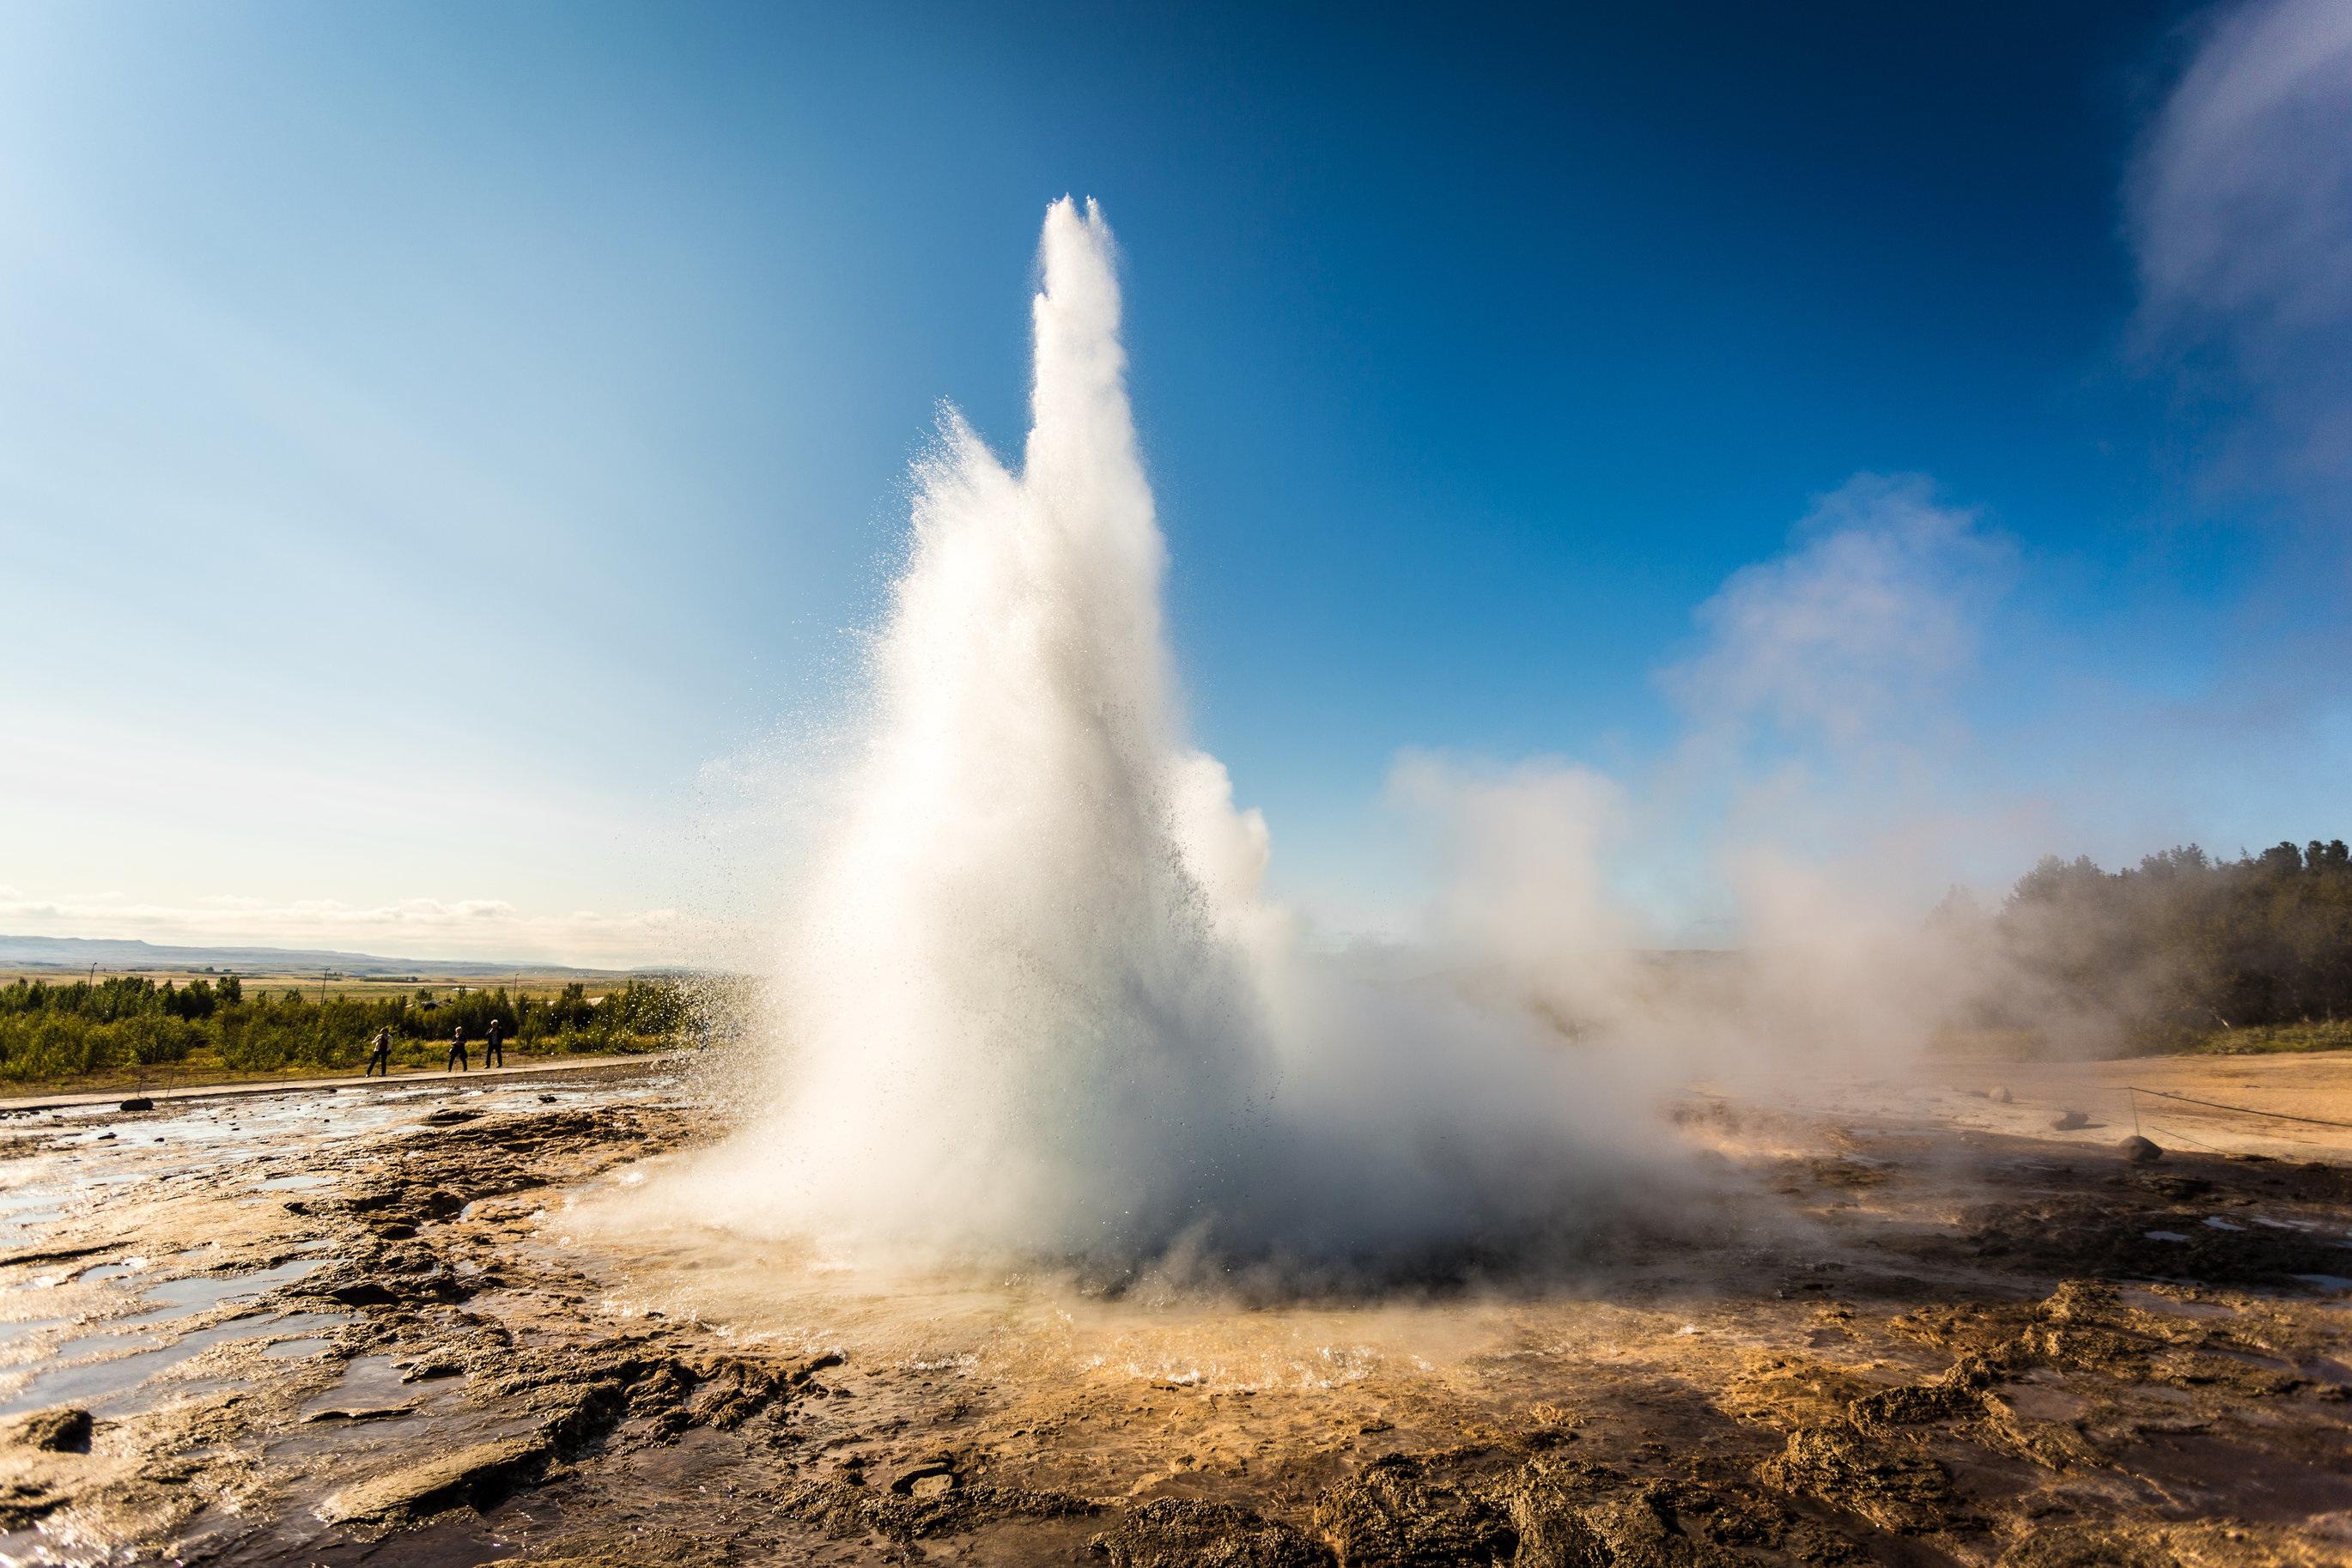 Alle fünf bis zehn Minuten katapultiert der Geysir Strokkur heißes Wasser Richtung Himmel und seine Wasserfontäne kann Höhen von über 40 Metern erreichen.